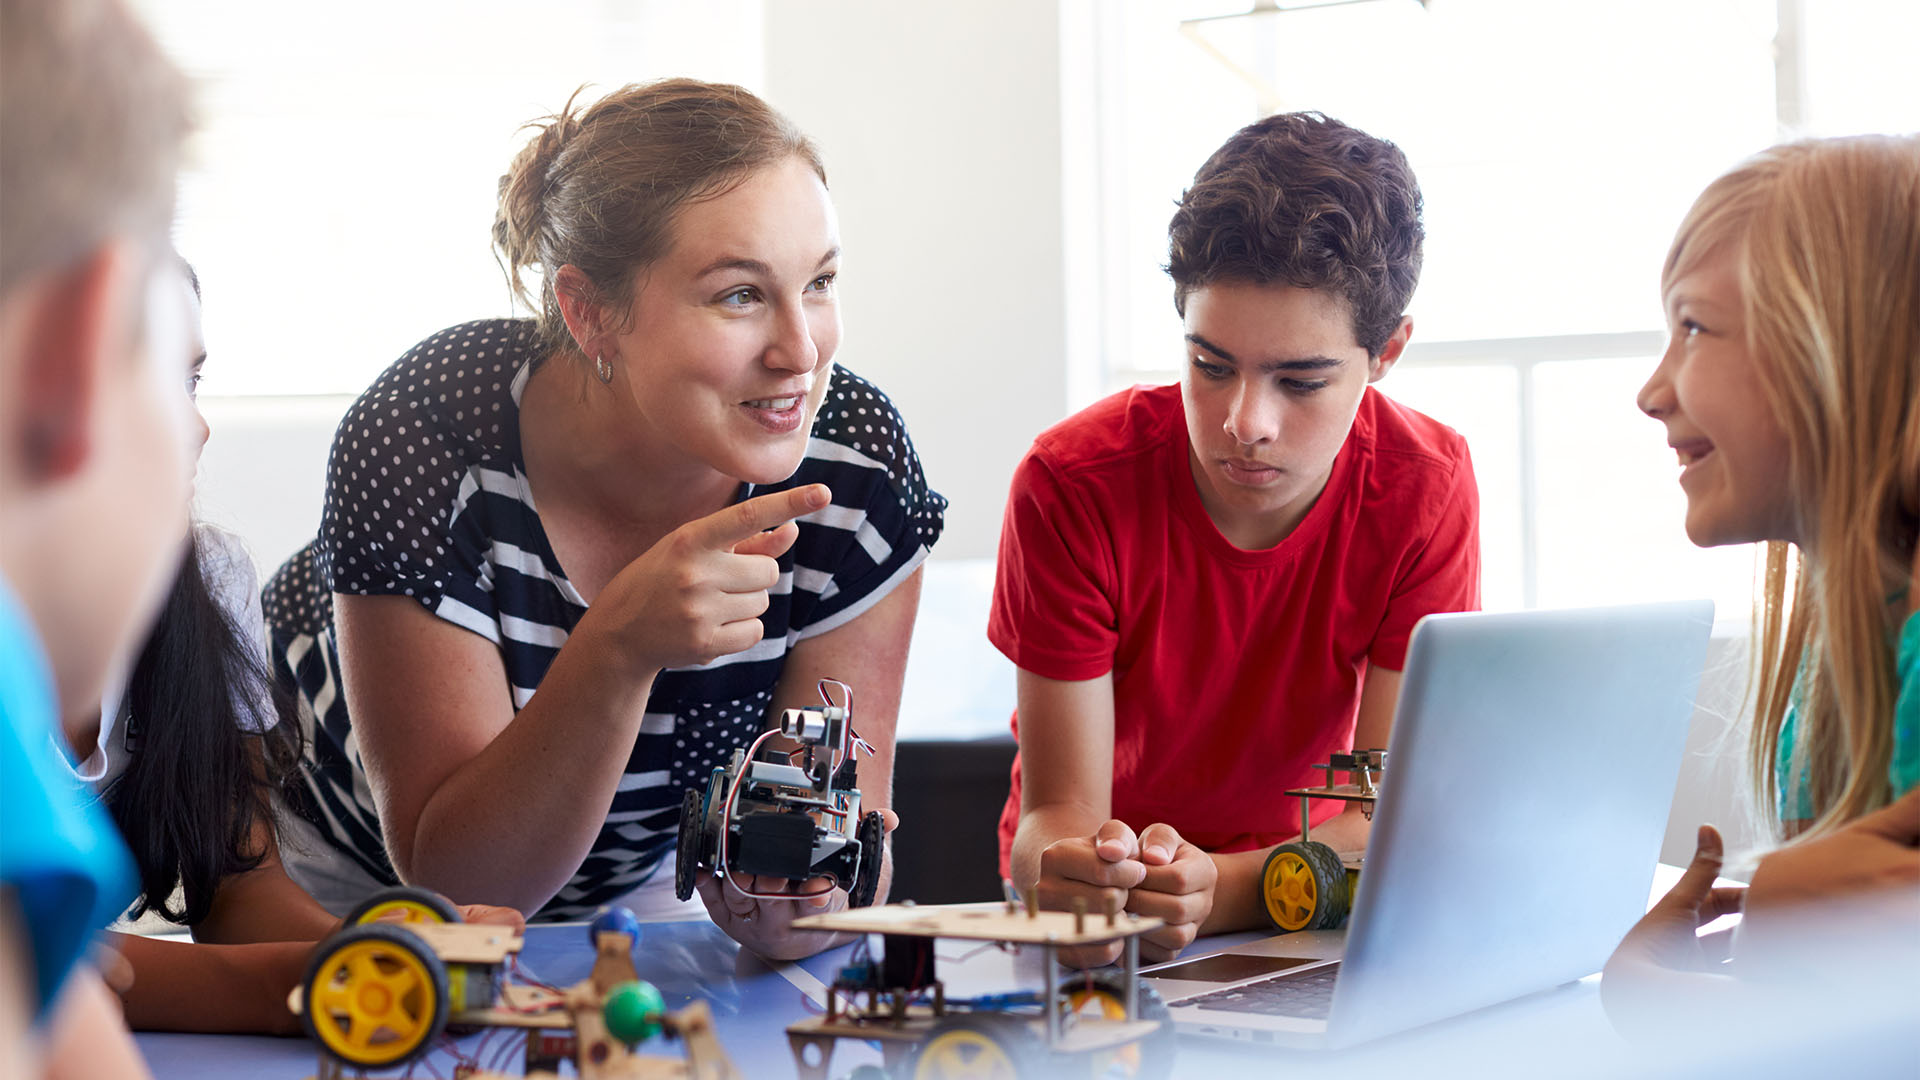 Elever i grundskola ska lära sig koda små maskiner. De står i en cirkel medan läraren förklarar framför hennes dator